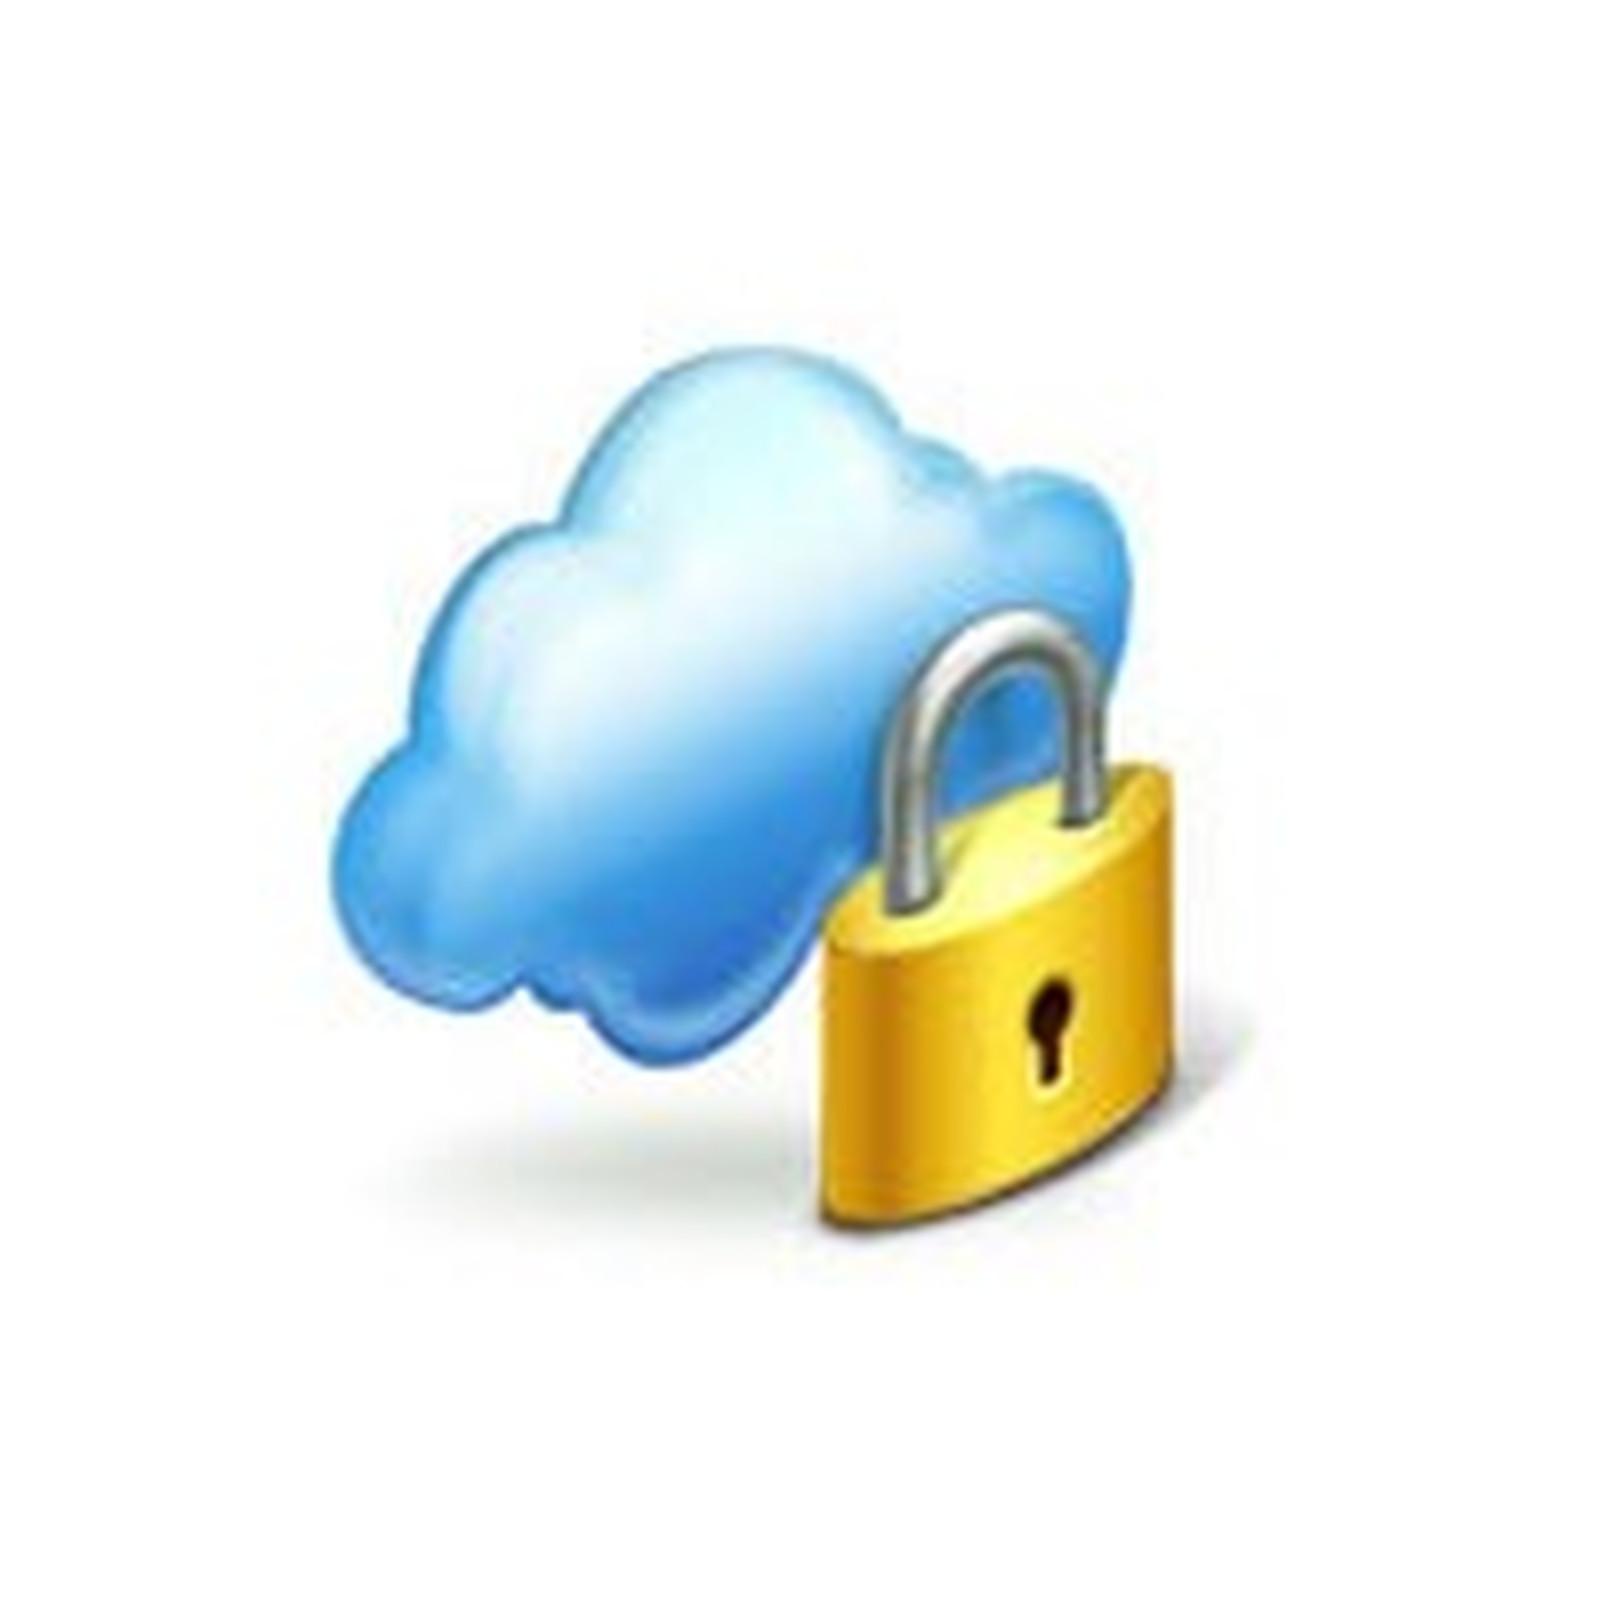 Cisco Mise à jour de 10 à 50 utilisateurs pour SA 5505